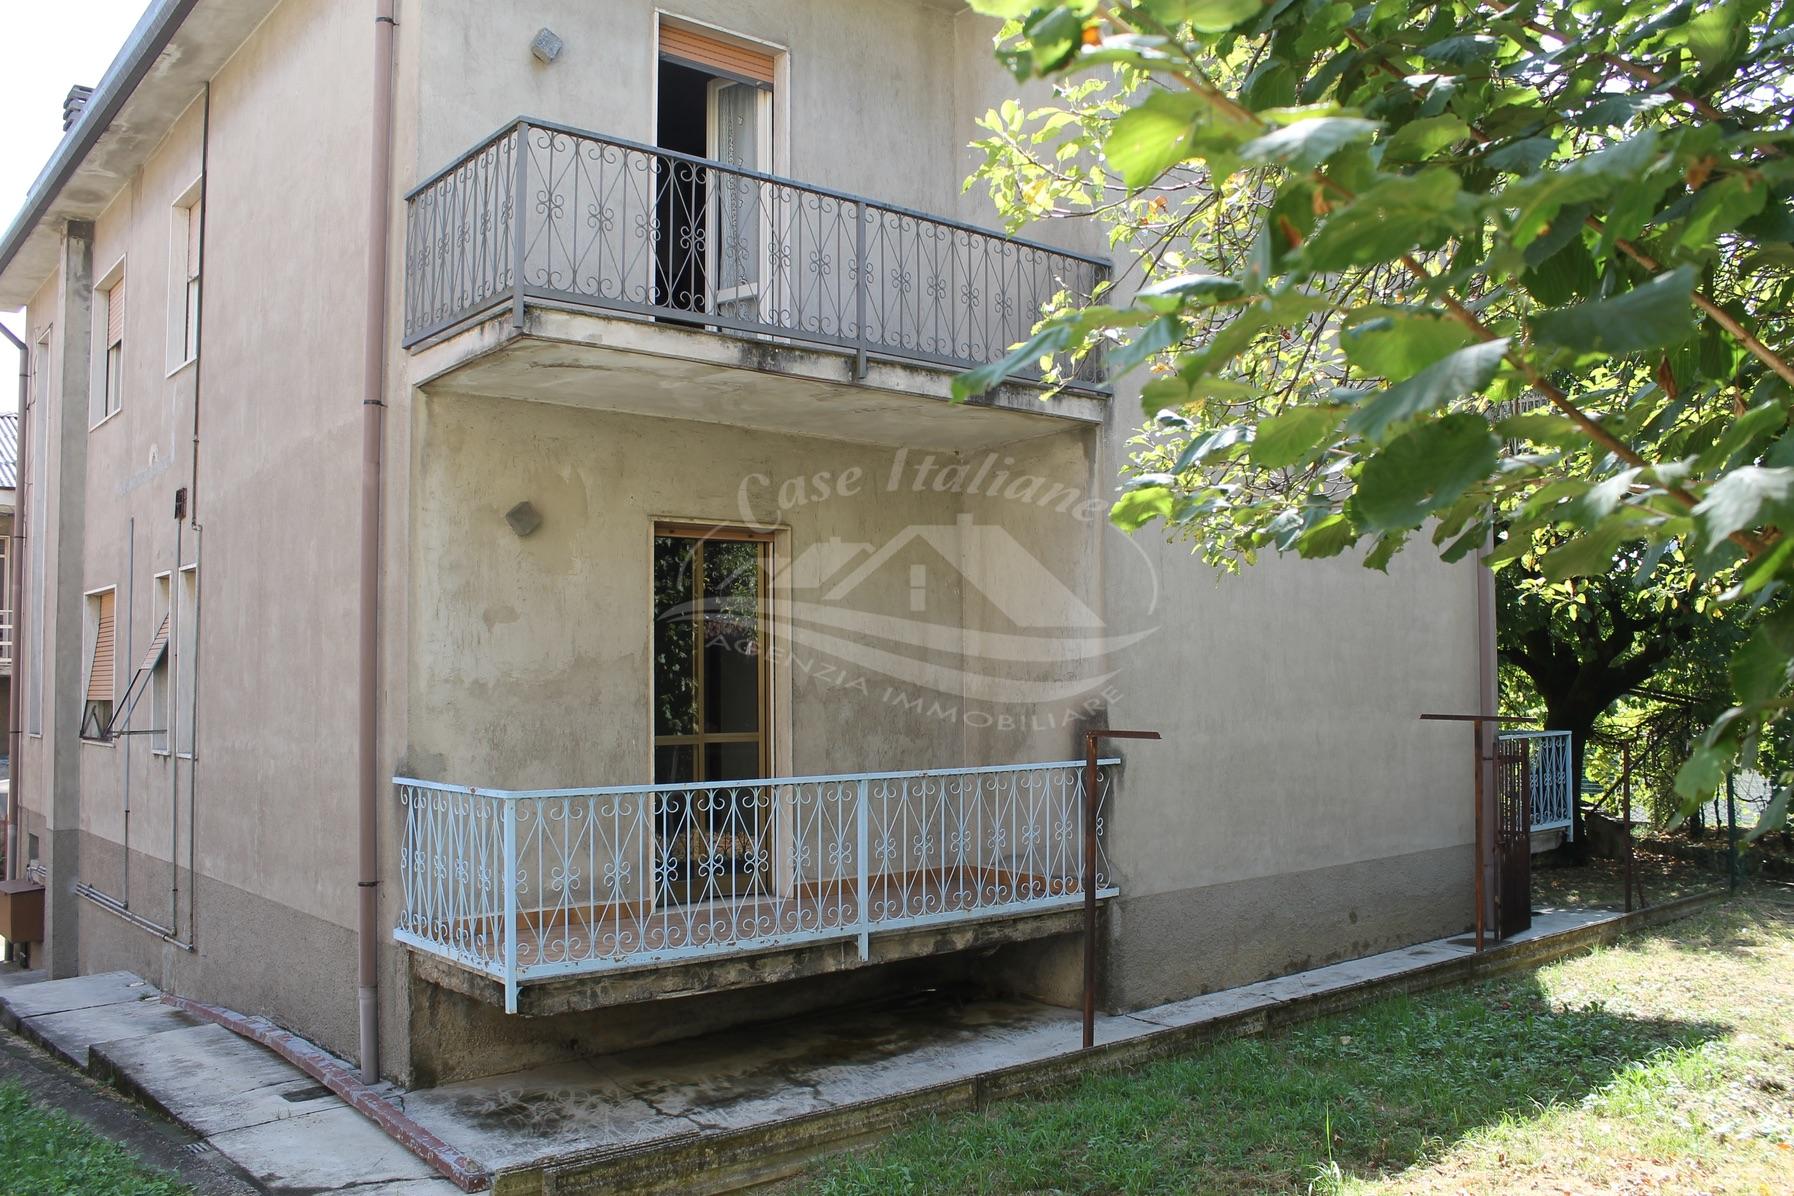 Img 8570 case italiane agenzia immobiliare cant for Case italiane immobiliare